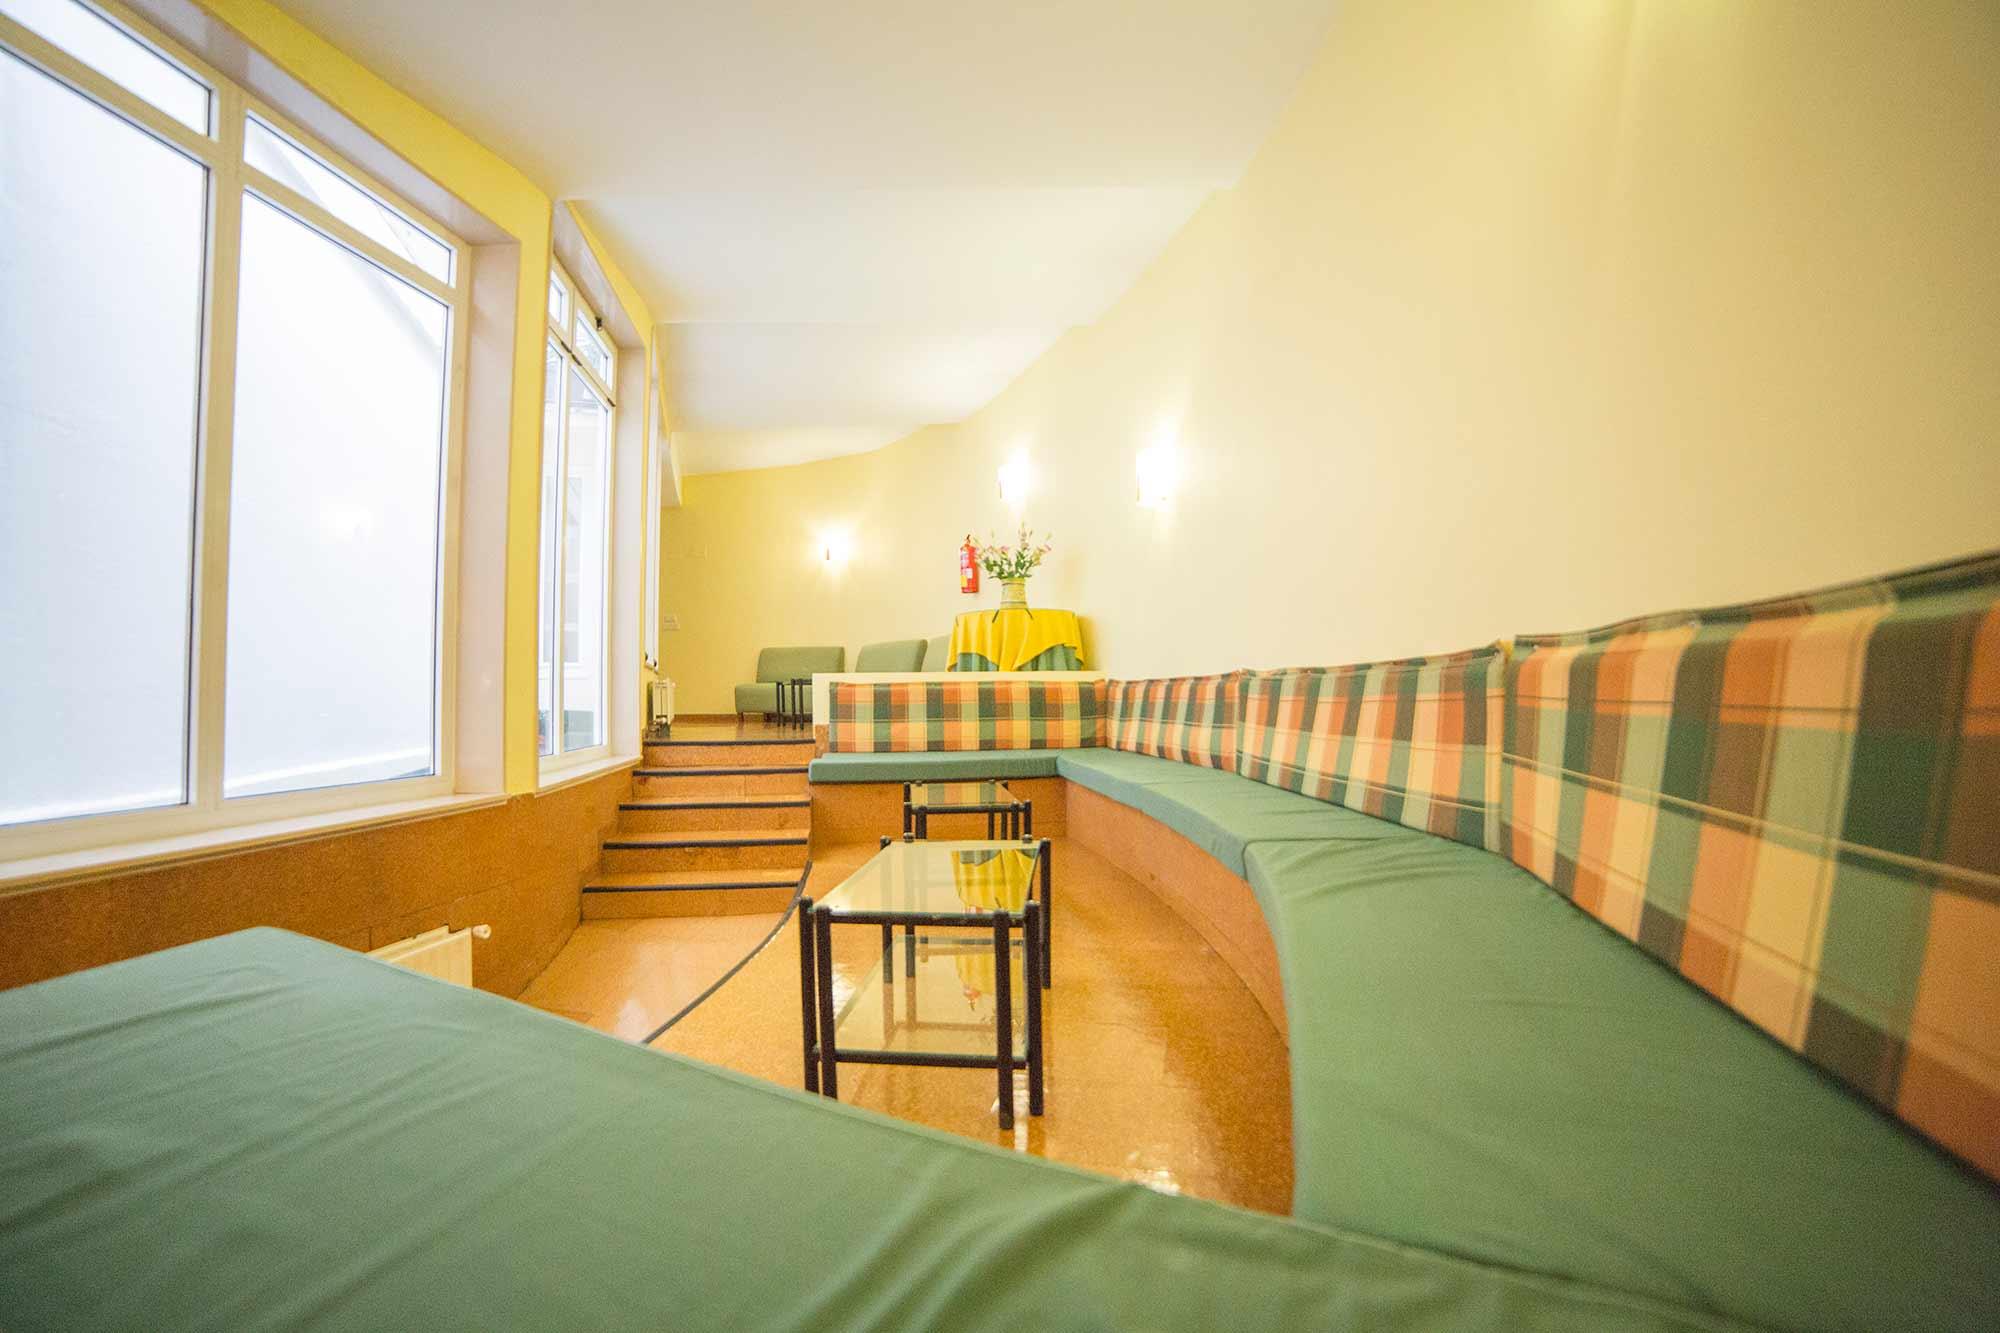 Sala de estar residencia rosaleda for Sala de estar futurista